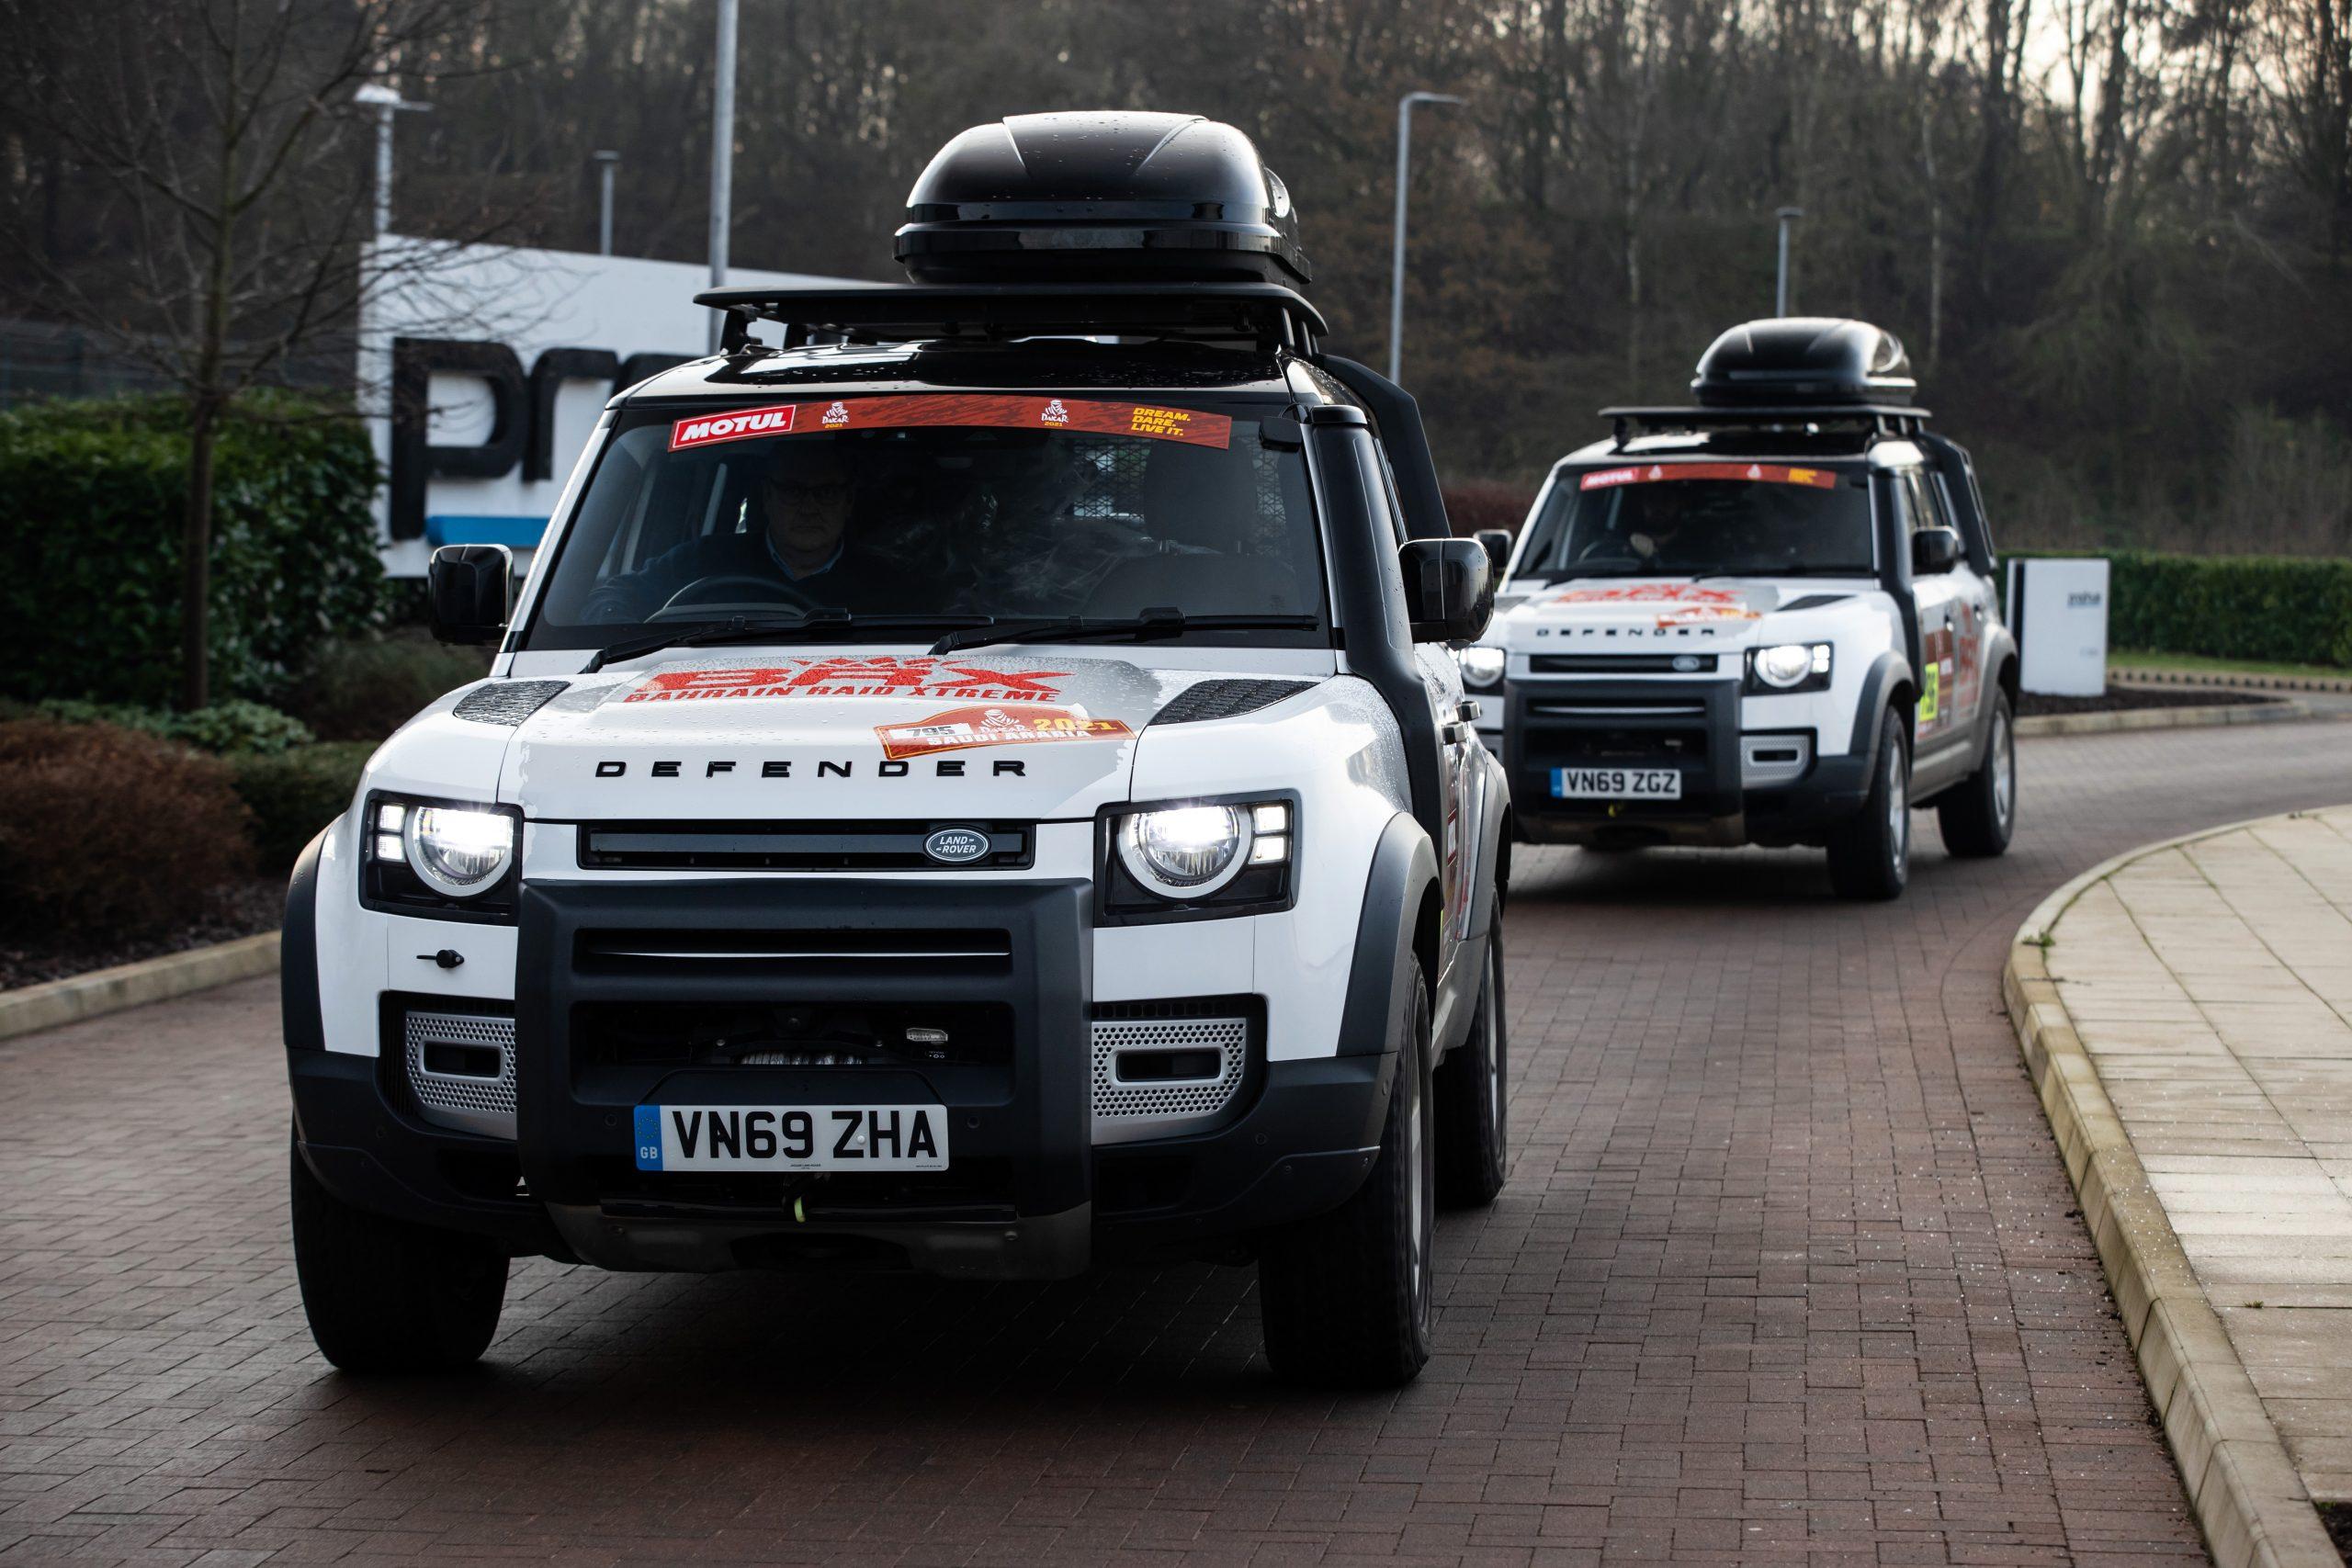 Два автомобила Defender 110 ще бъдат част от рали Дакар ...